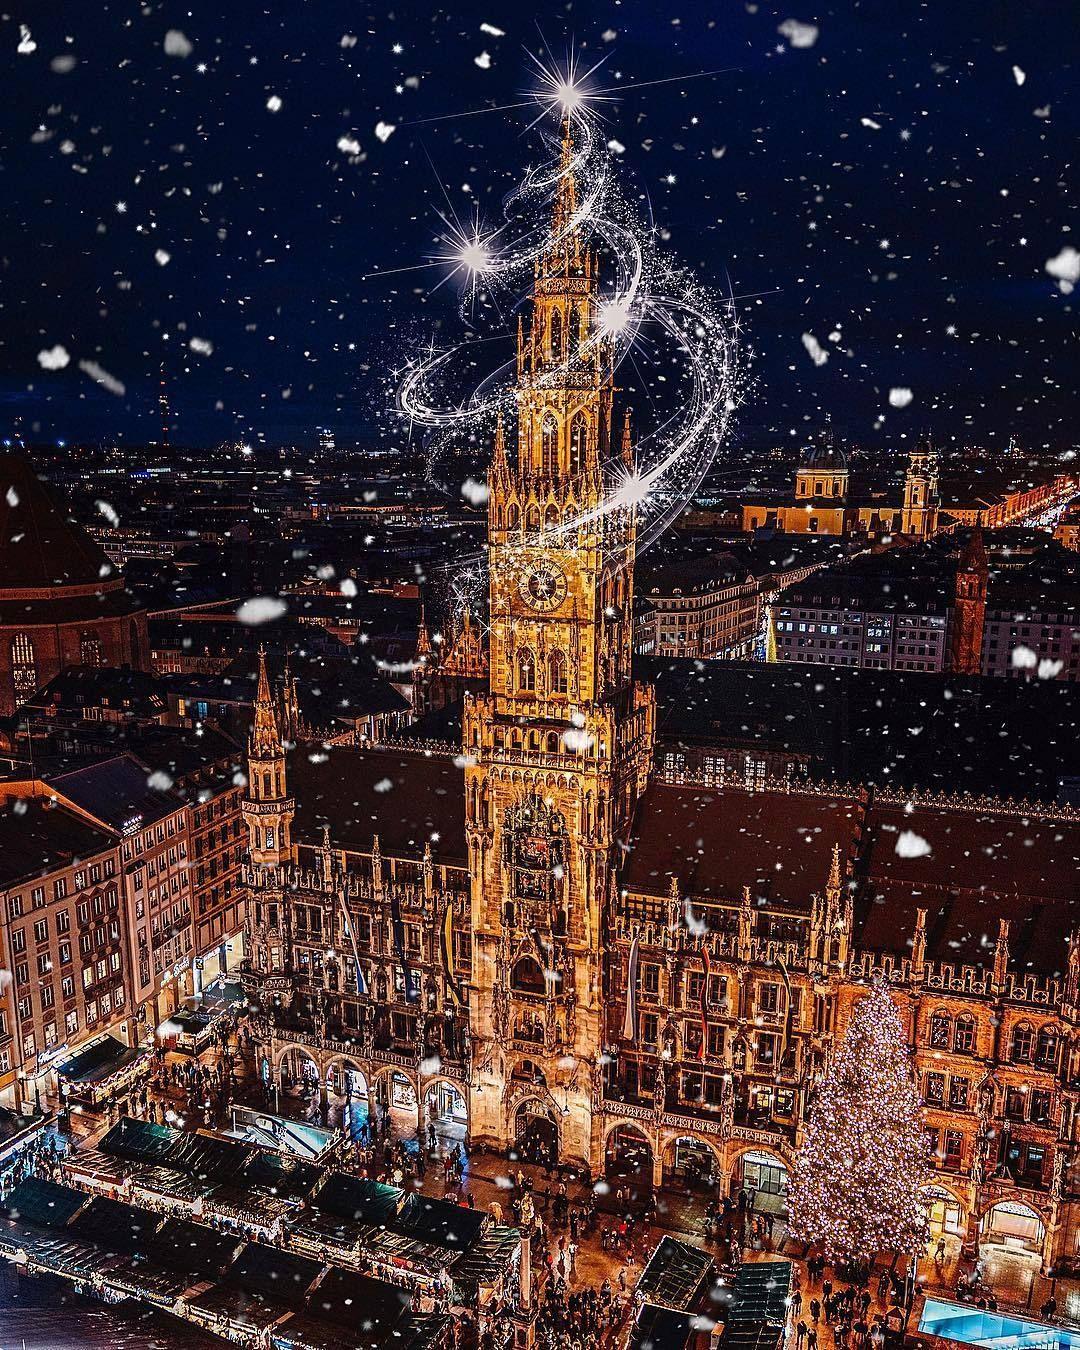 Marienplatz Munich Katia Mi Marienplatz Katia Mi Katia Mi In 2020 Travel Insurance Munich Germany